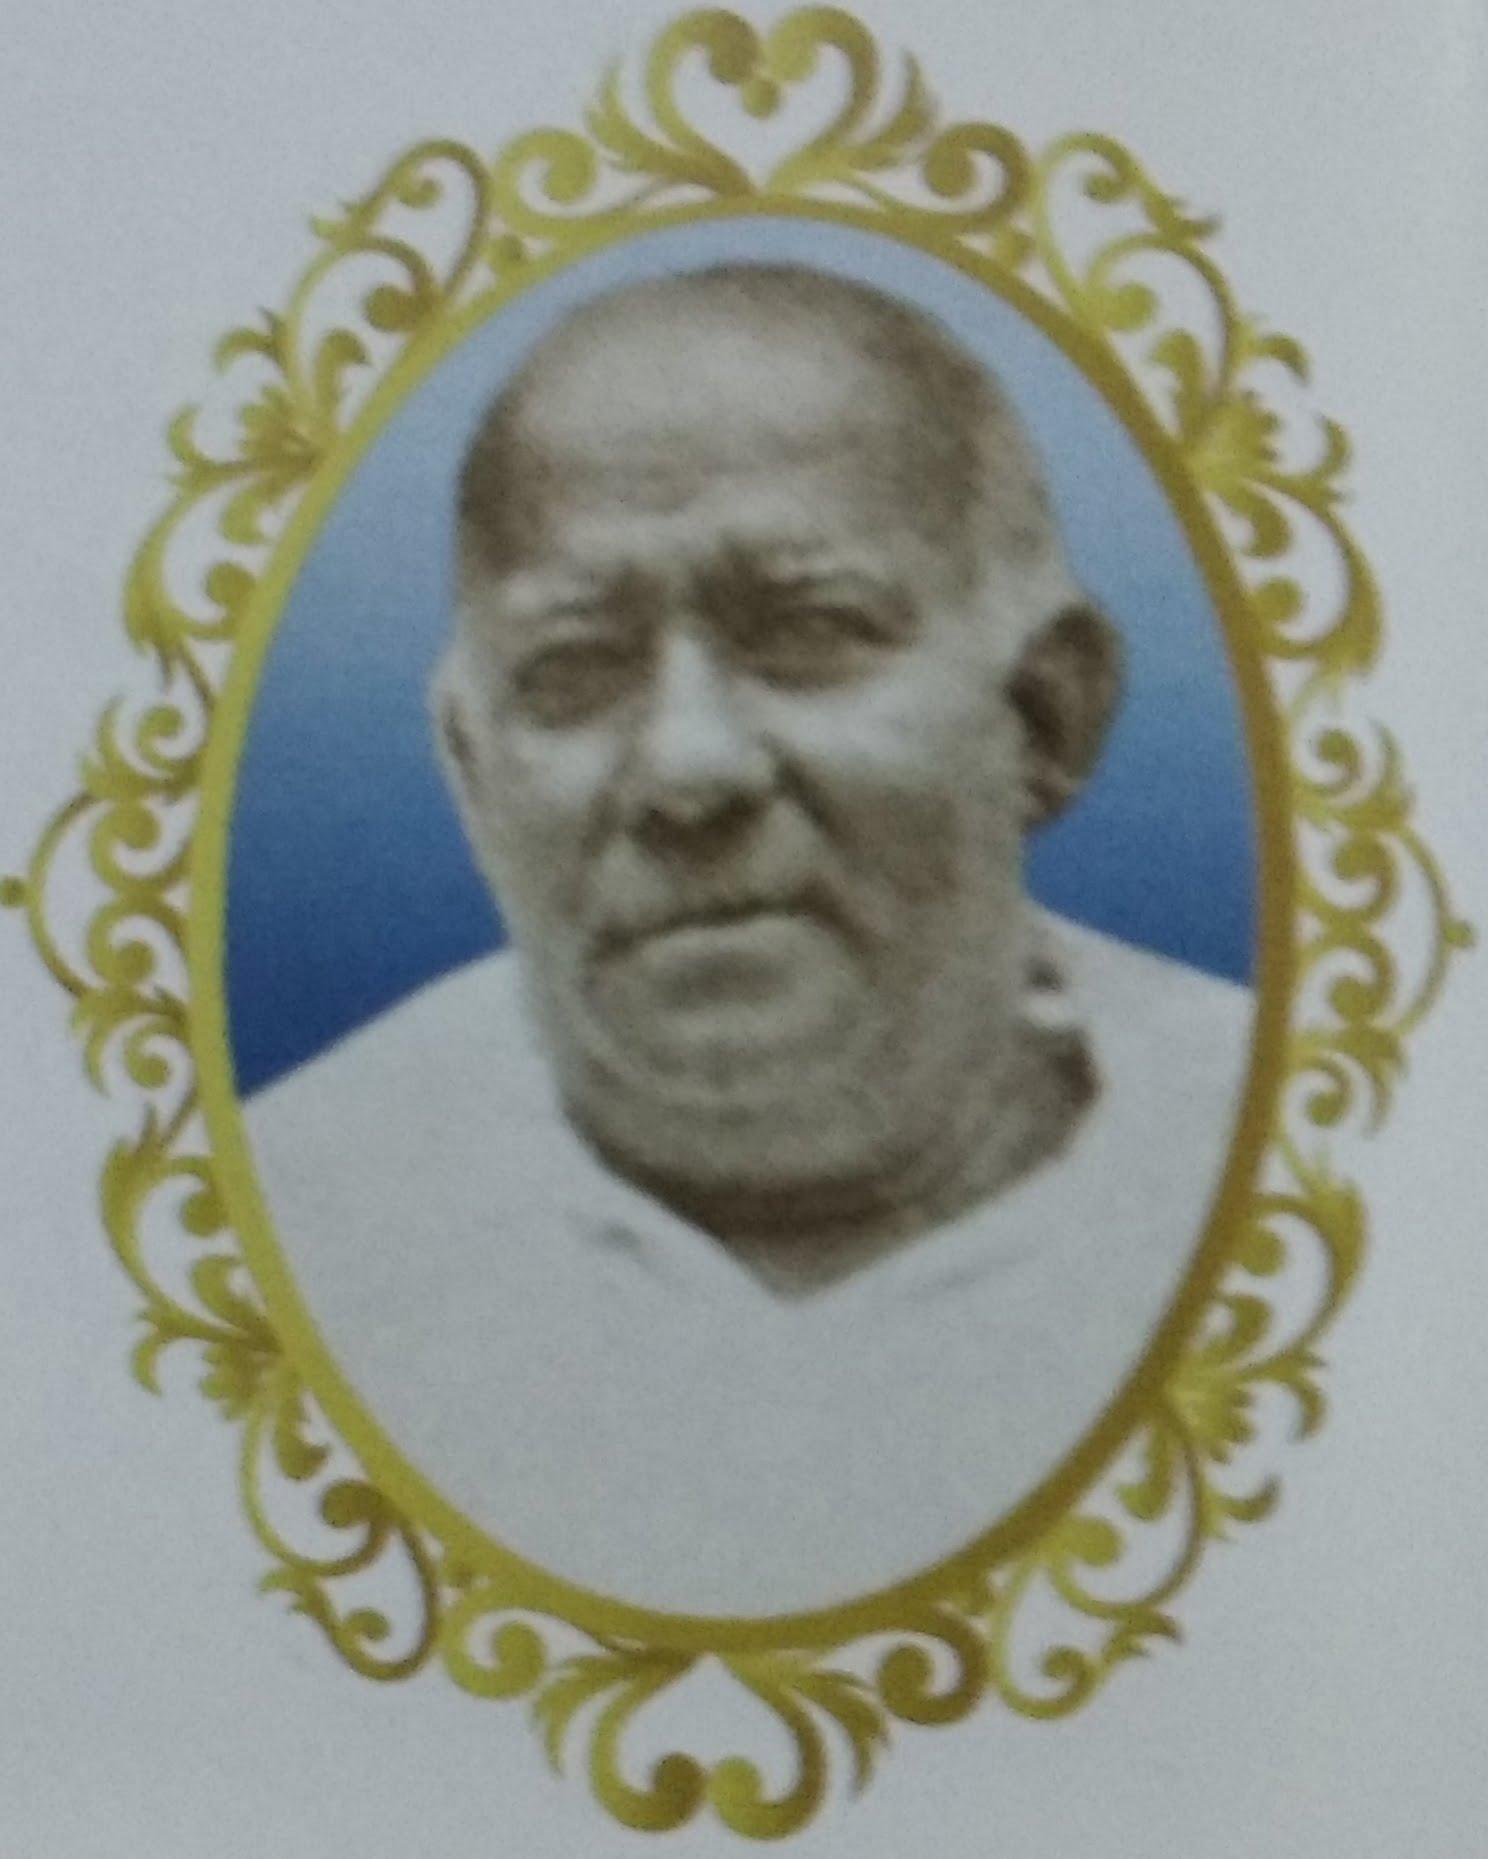 Fr. Francis Parambaloth